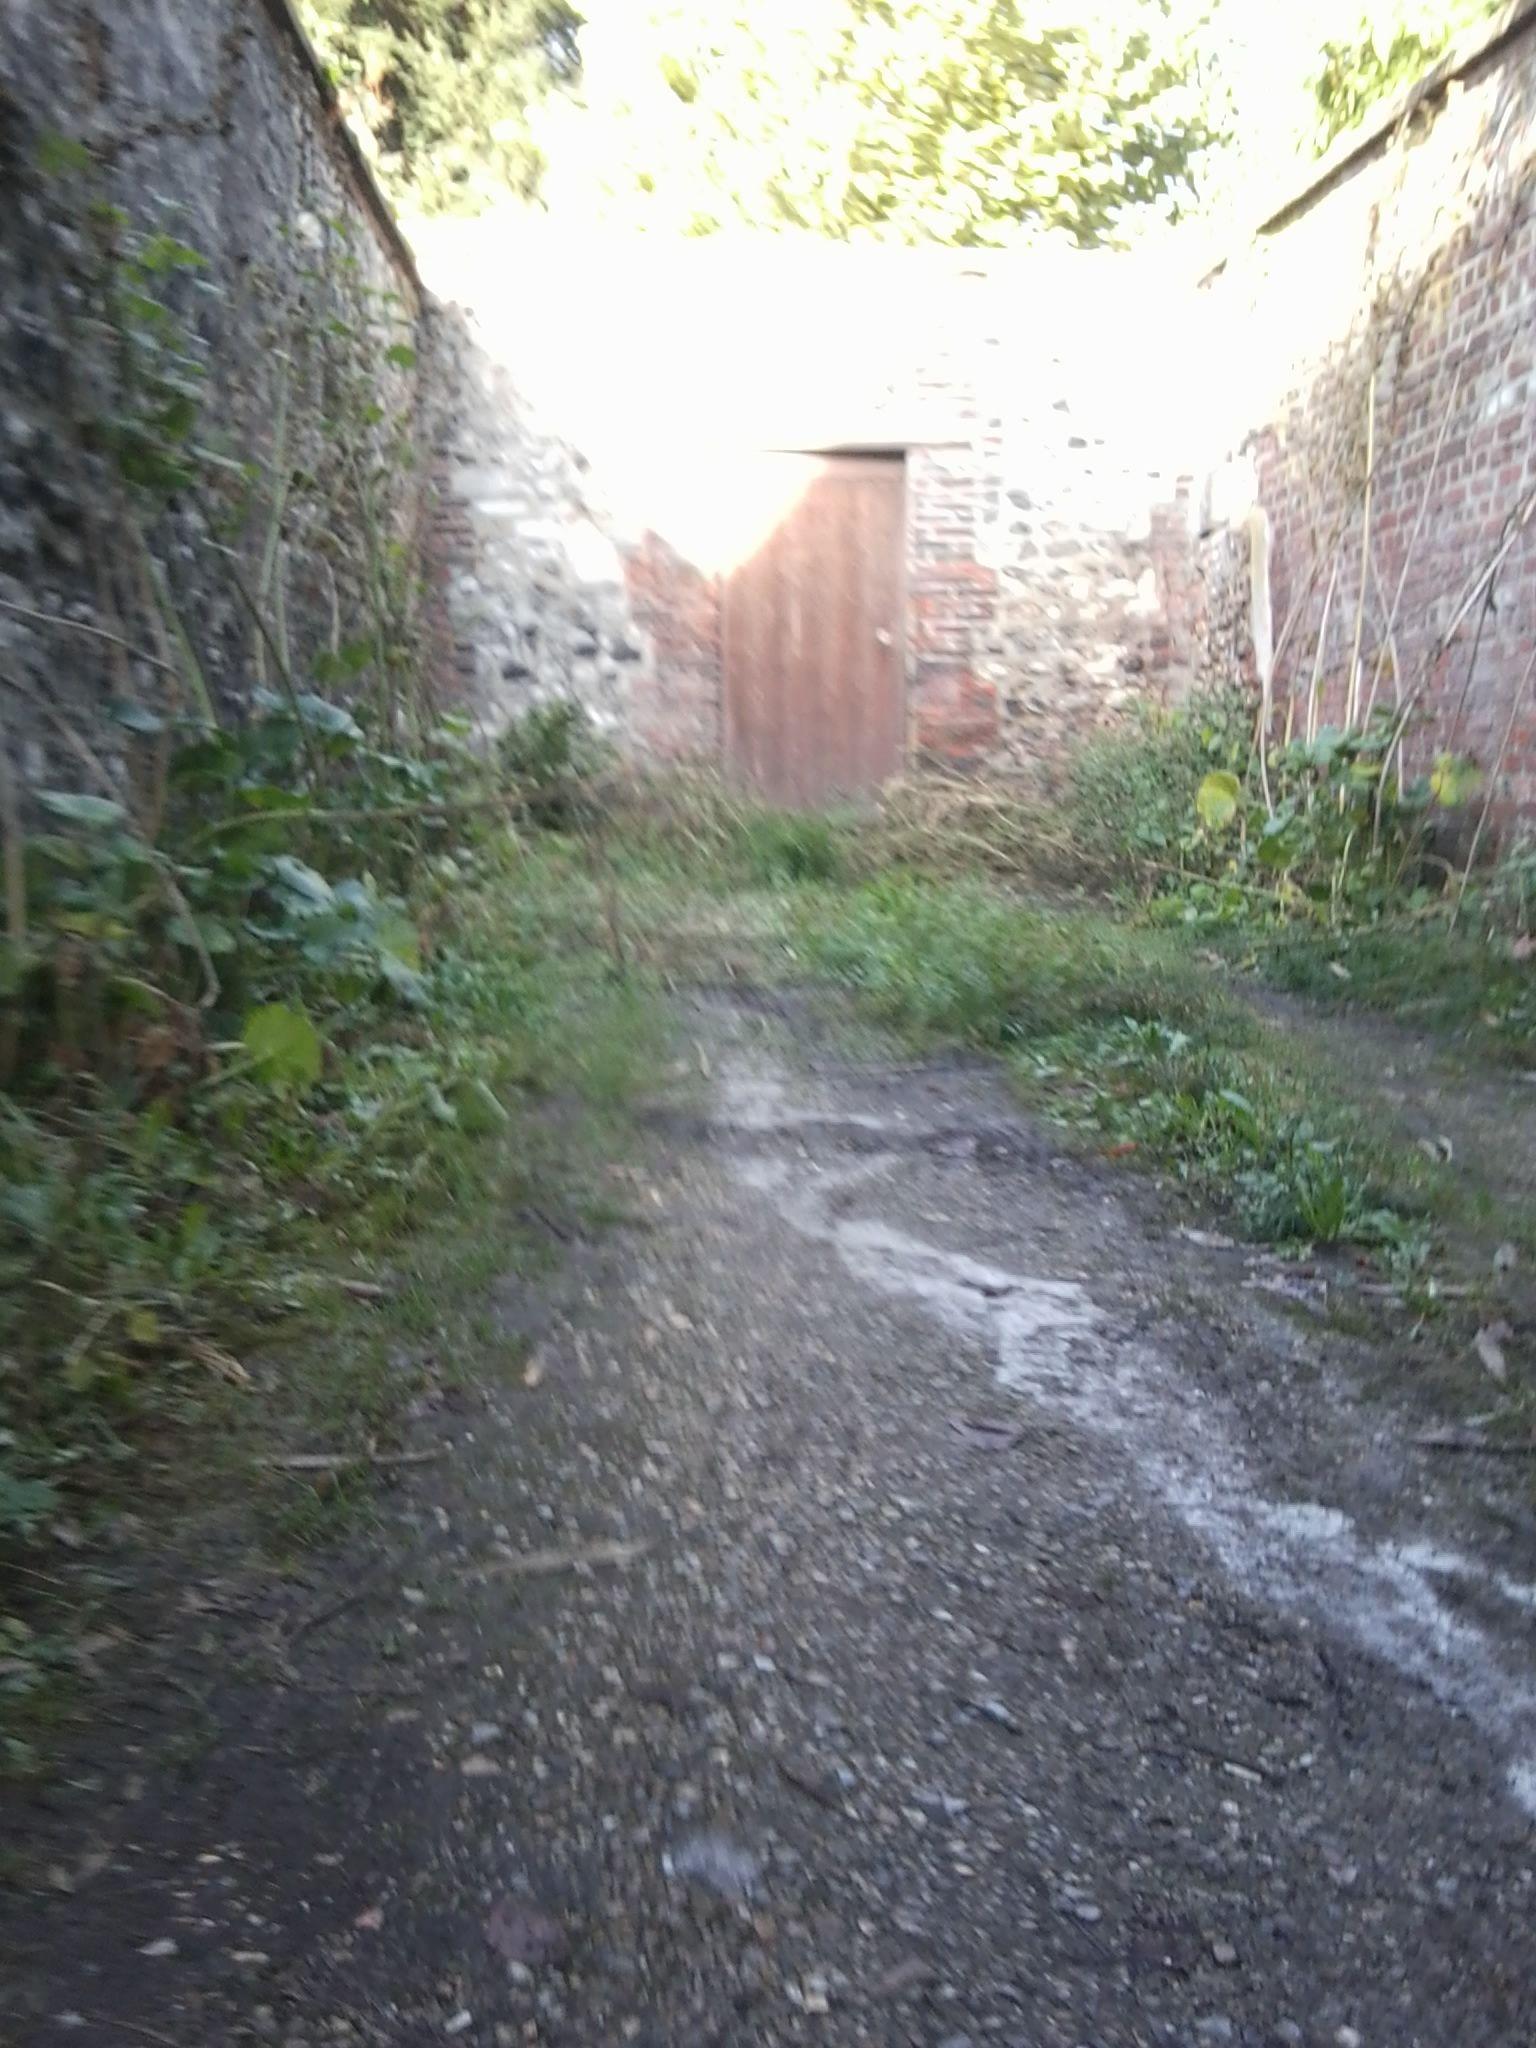 Cette Photo A Ete Prise En Pleine Ville En Prenant Un Chemin De Traverse Chemin De Traverse Photos Chemins